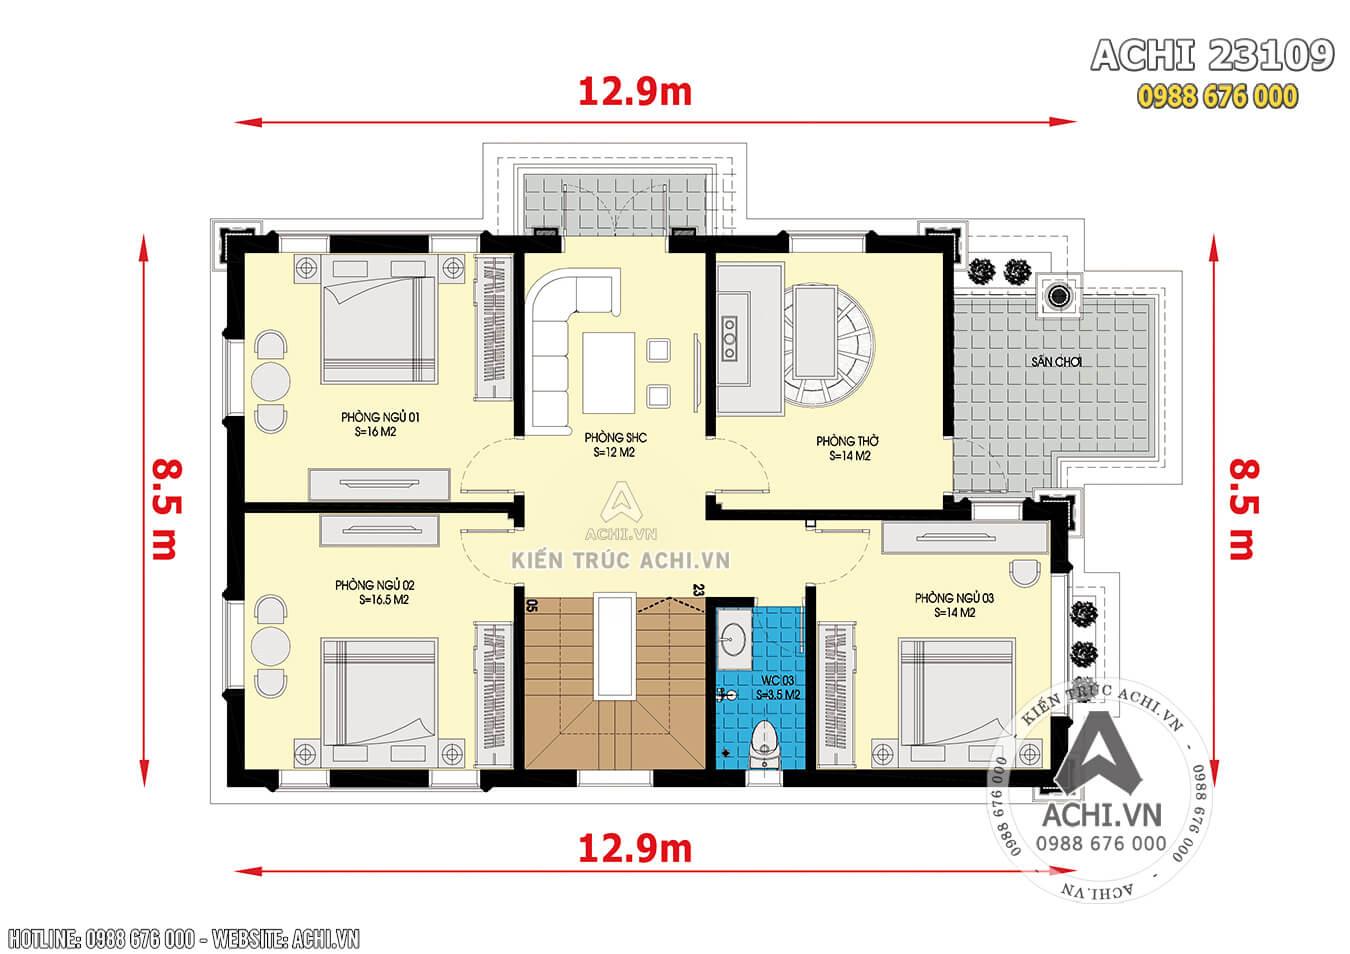 Mặt bằng tầng mẫu thiết kế nhà 2 tầng tân cổ điển mặt tiền 8m 4 phòng ngủ